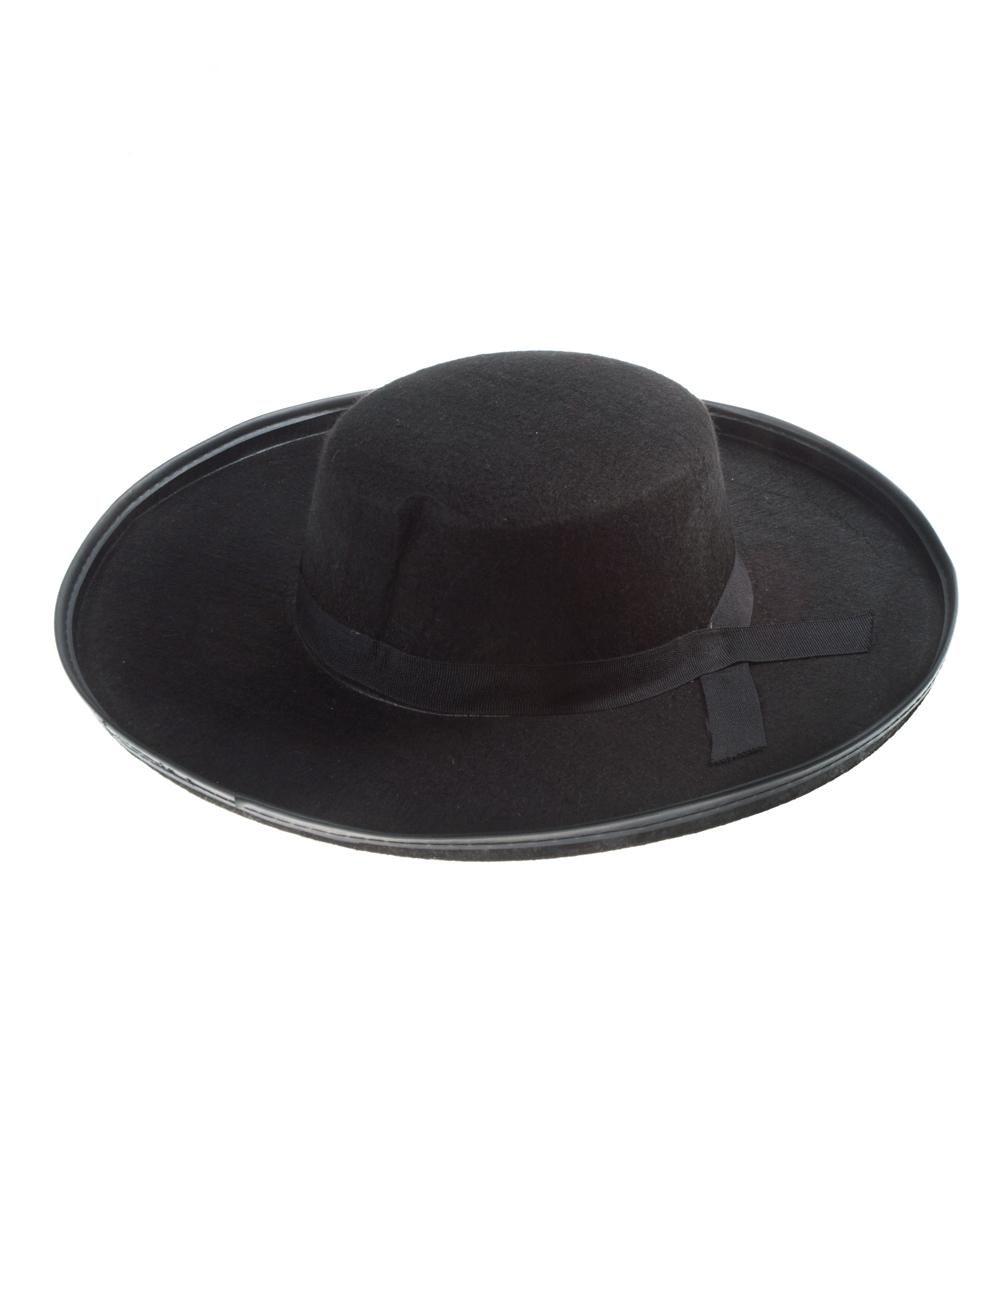 Kostuemzubehor Hut Spanier schwarz